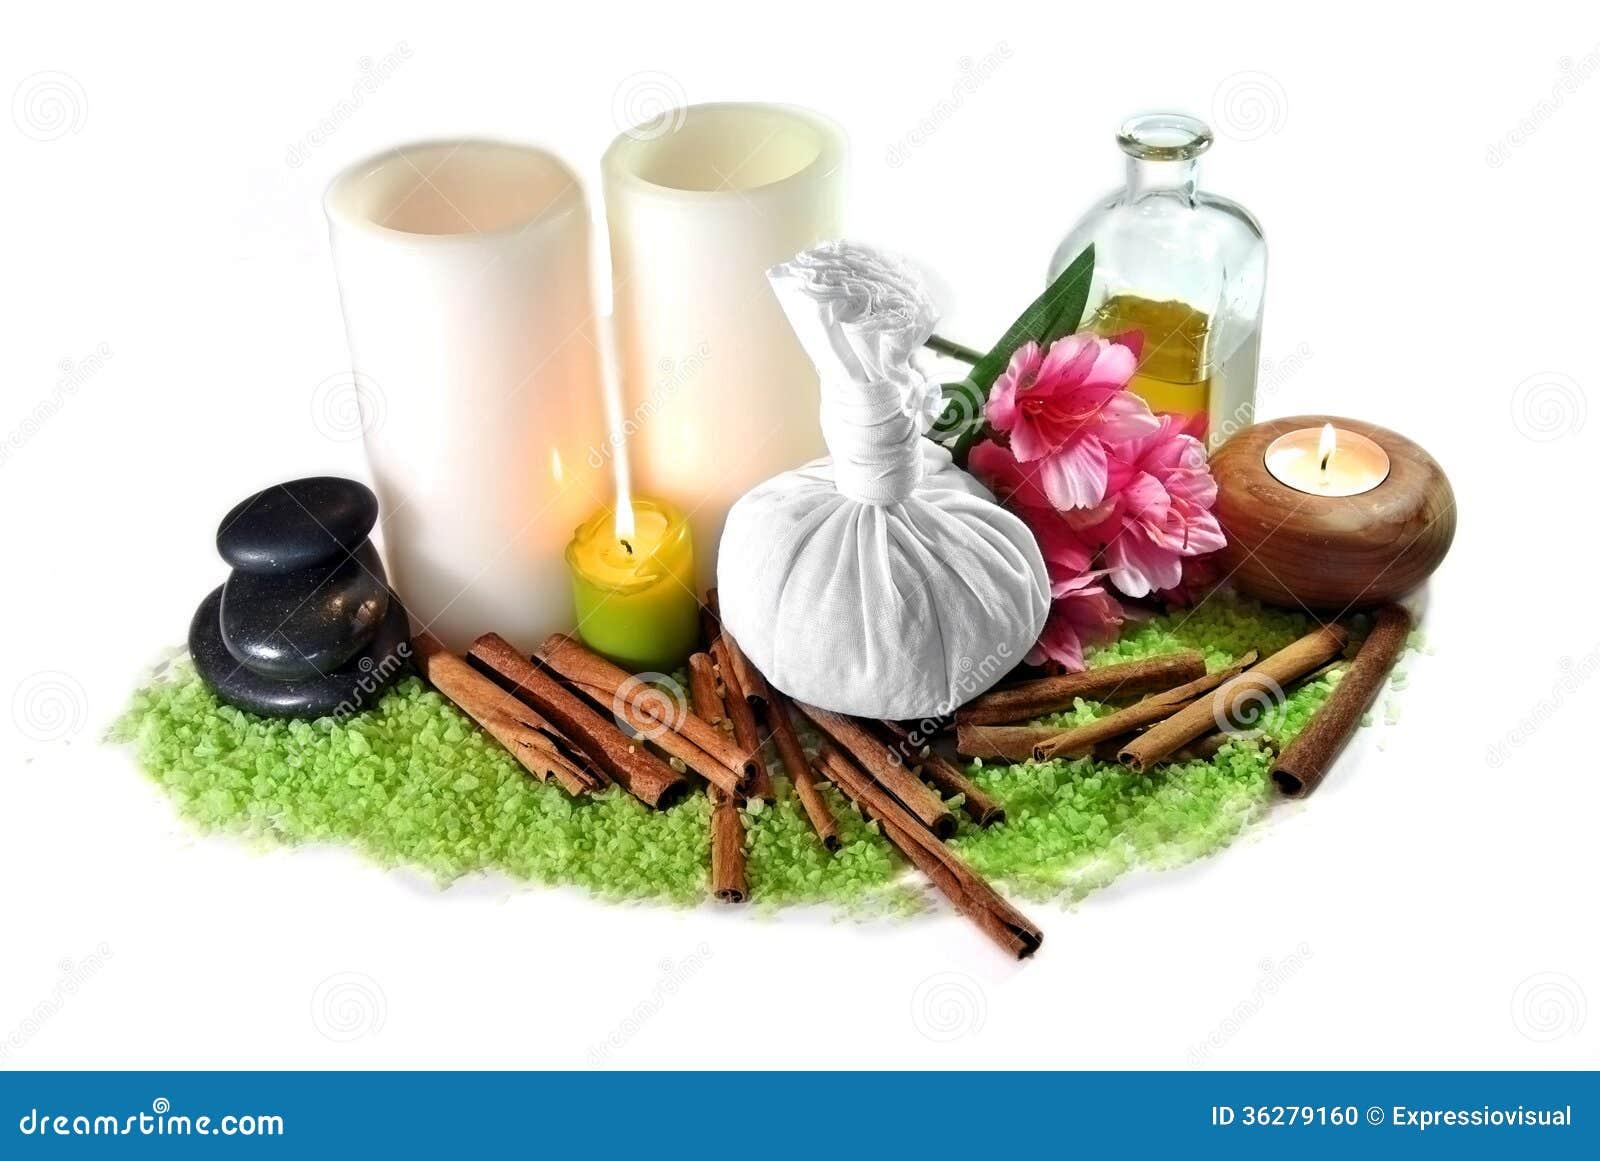 Oggetti di massaggio per la stazione termale fotografia for Programmi per progettare oggetti